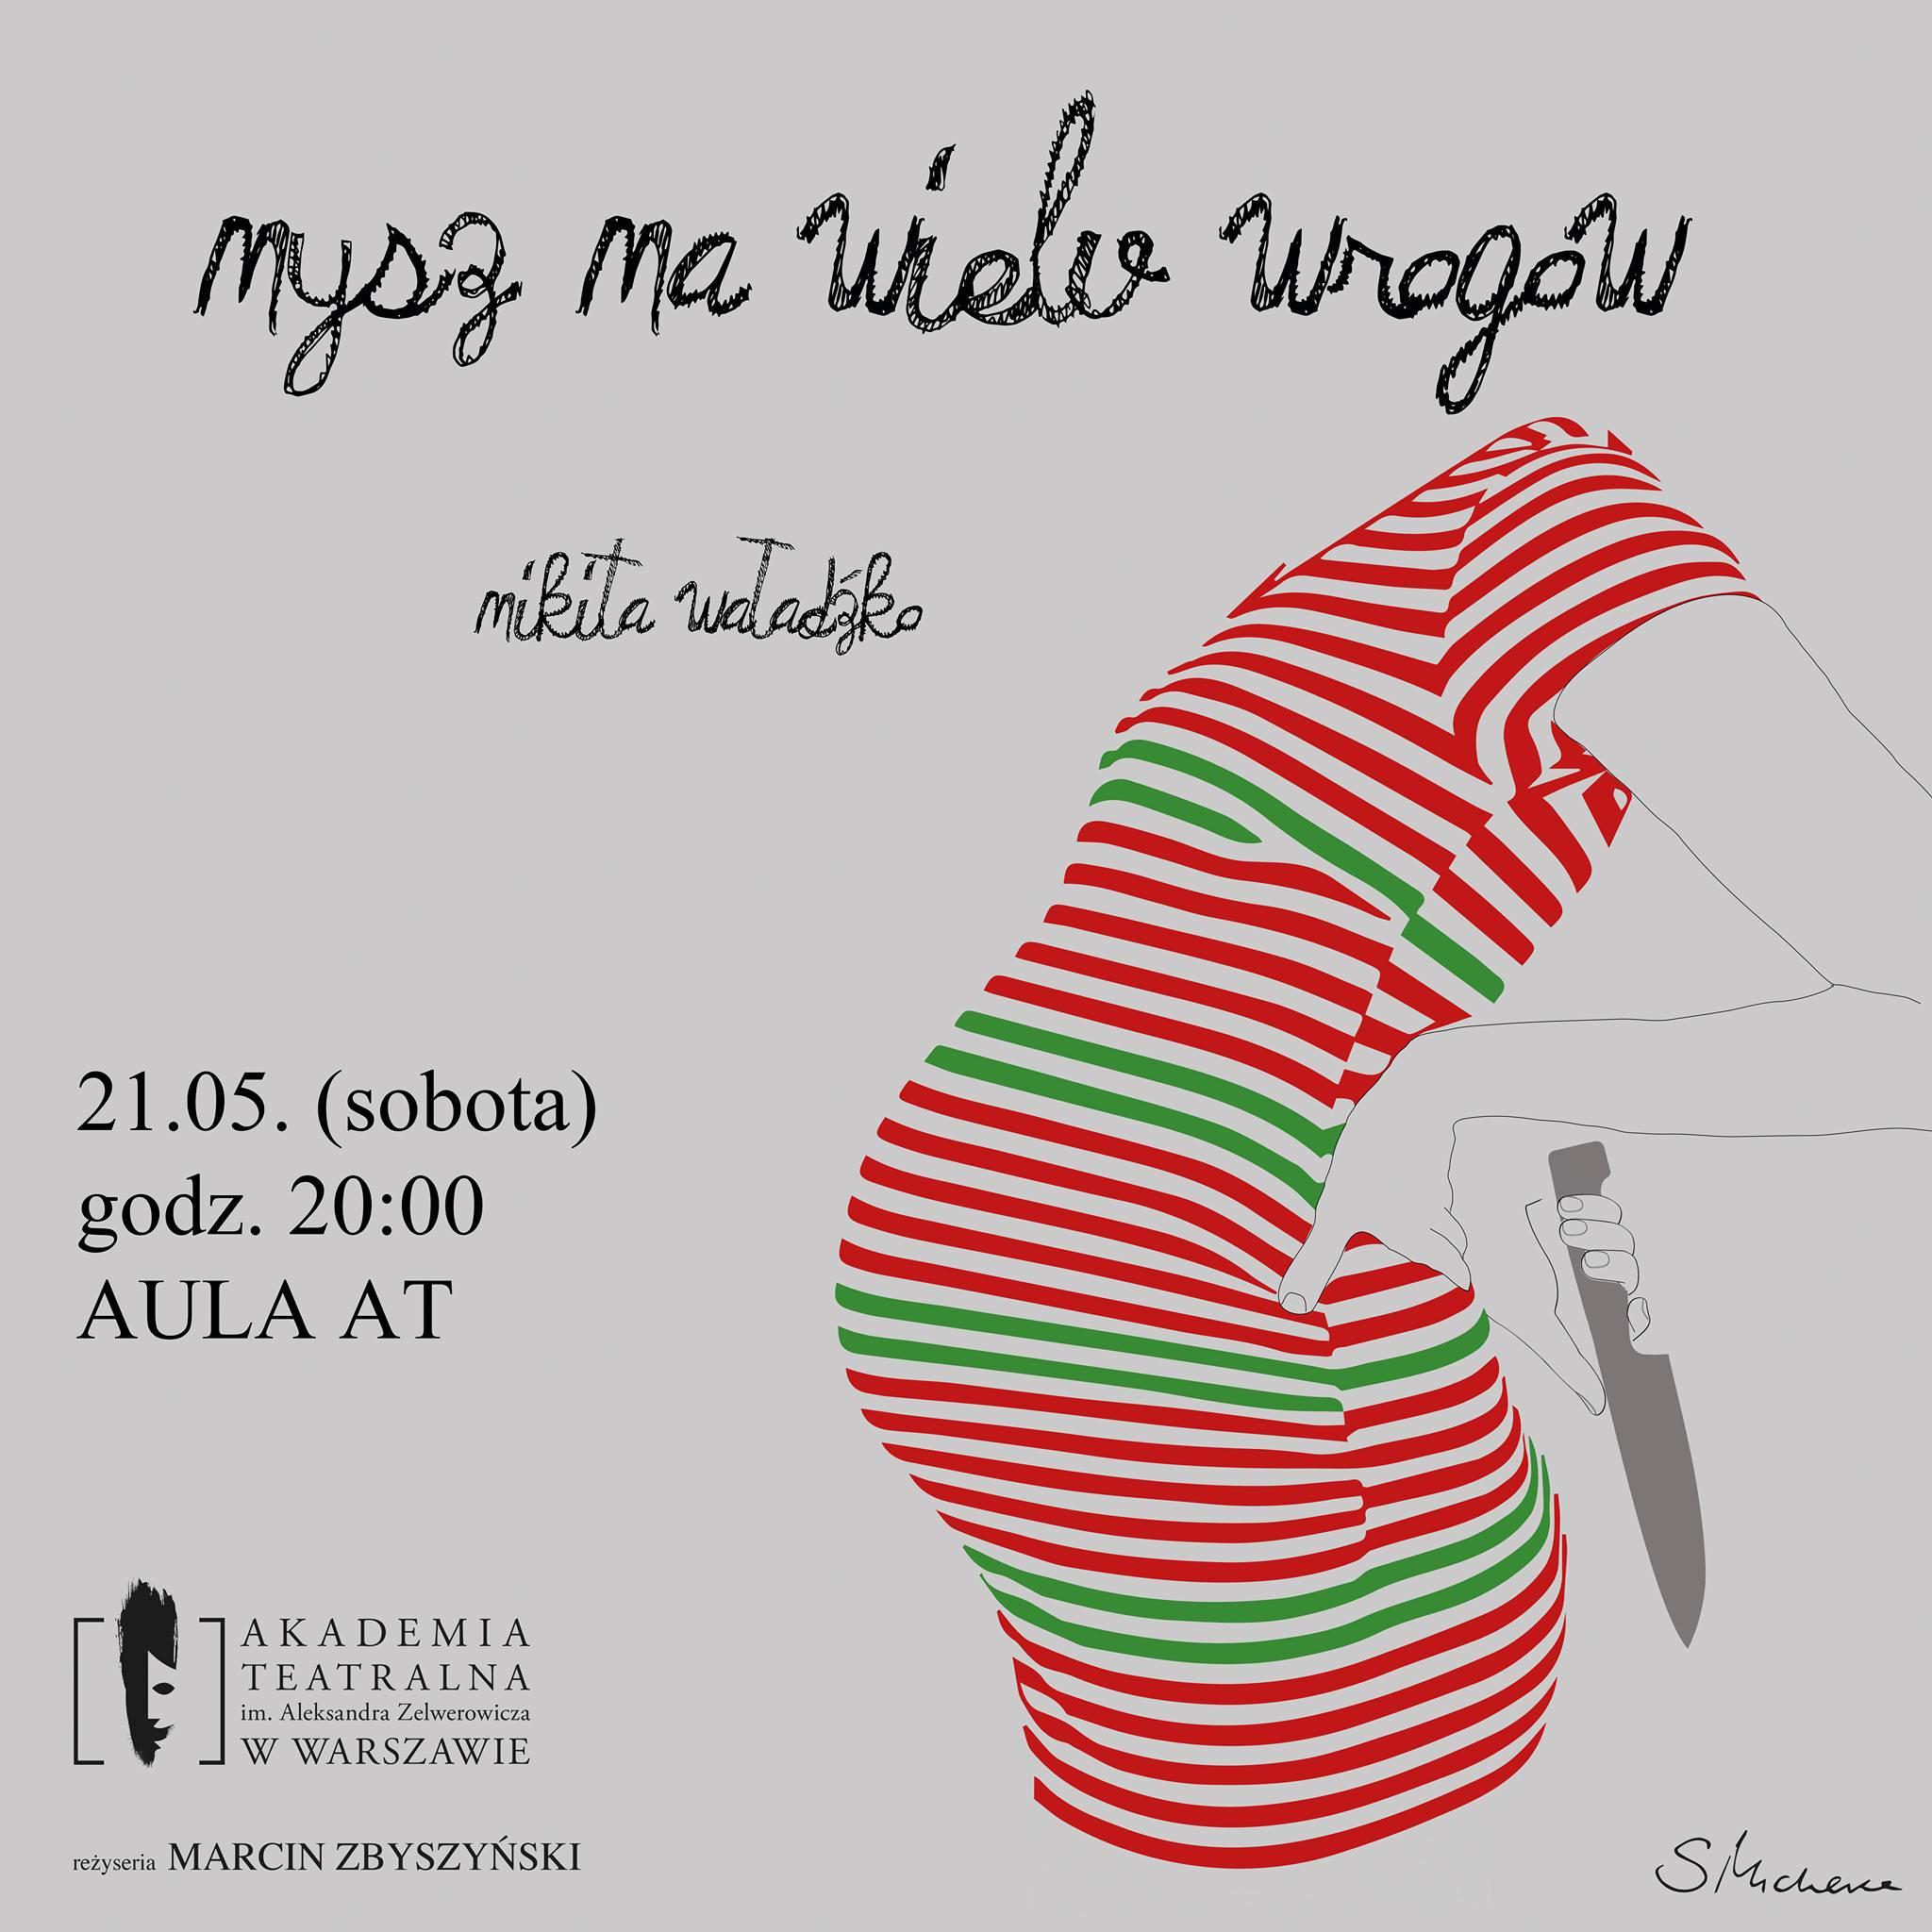 mysz_ma_wielu